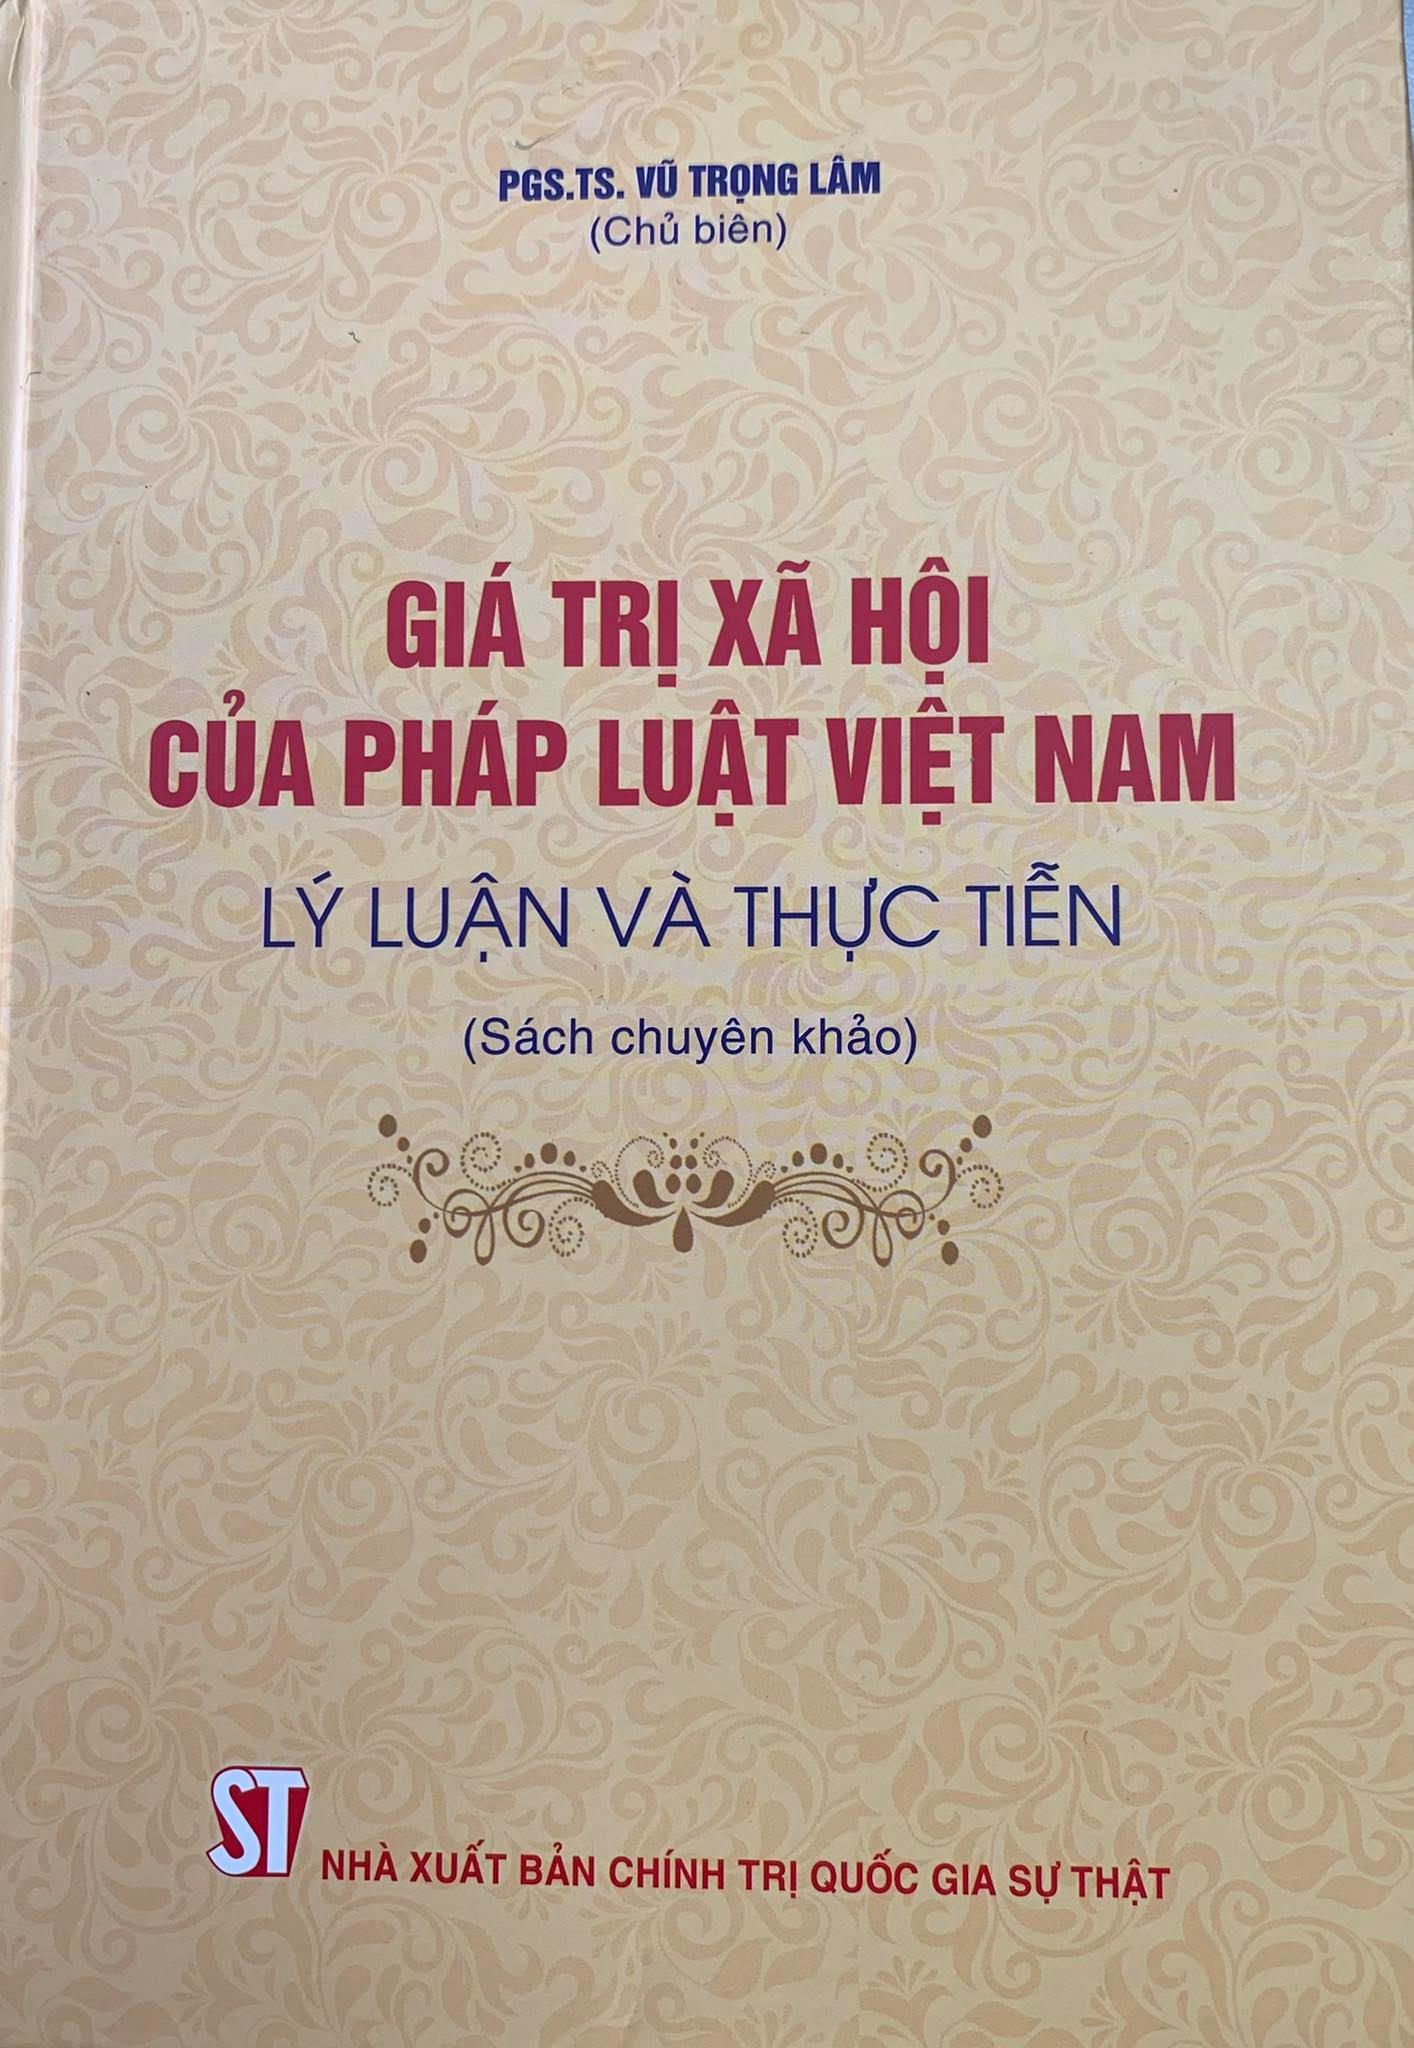 Giá trị xã hội của pháp luật Việt Nam - Lý luận và thực tiễn (Sách chuyên khảo)